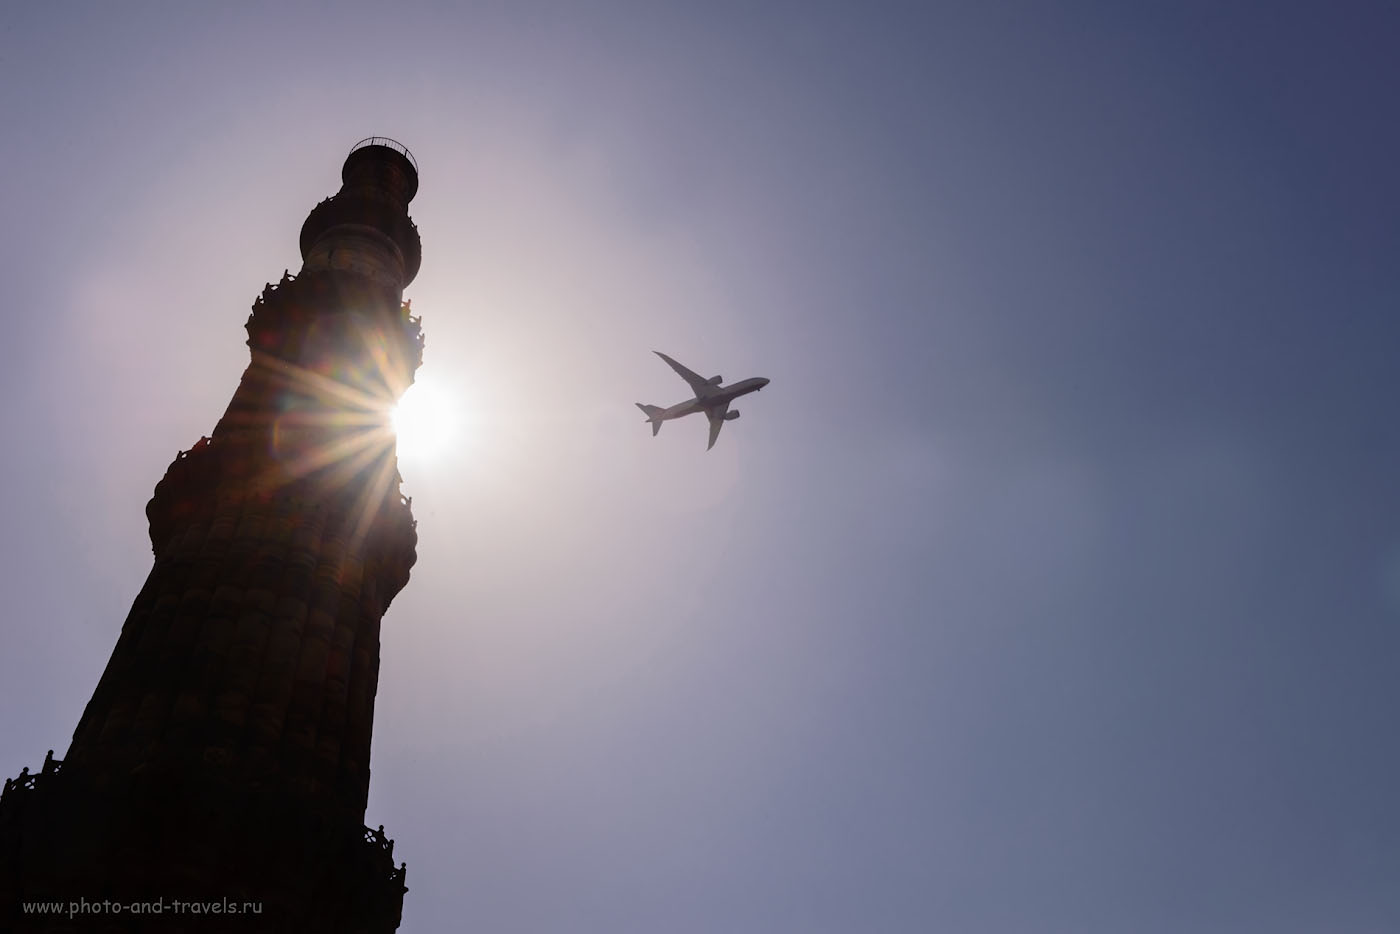 Фото 16. Каждые пять минут над минаретом Кутб-Минар пролетают самолеты.